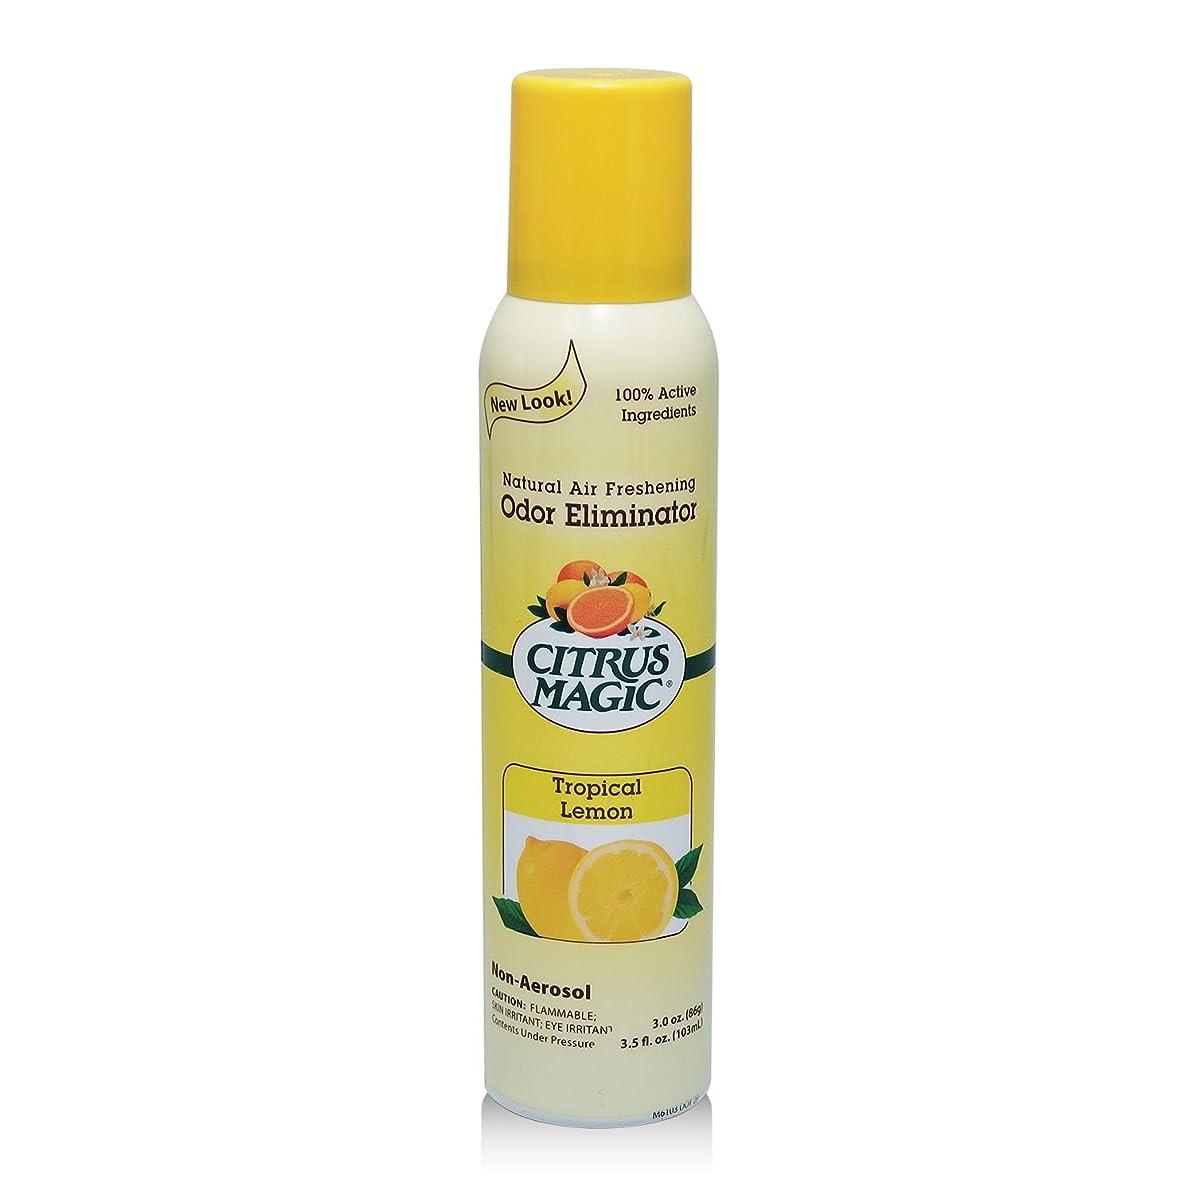 しばしば教義凍るシトラスマジック エア フレッシュナー レモン 103ml 果皮抽出オイルをギュッと詰めた消臭?芳香ルームスプレー